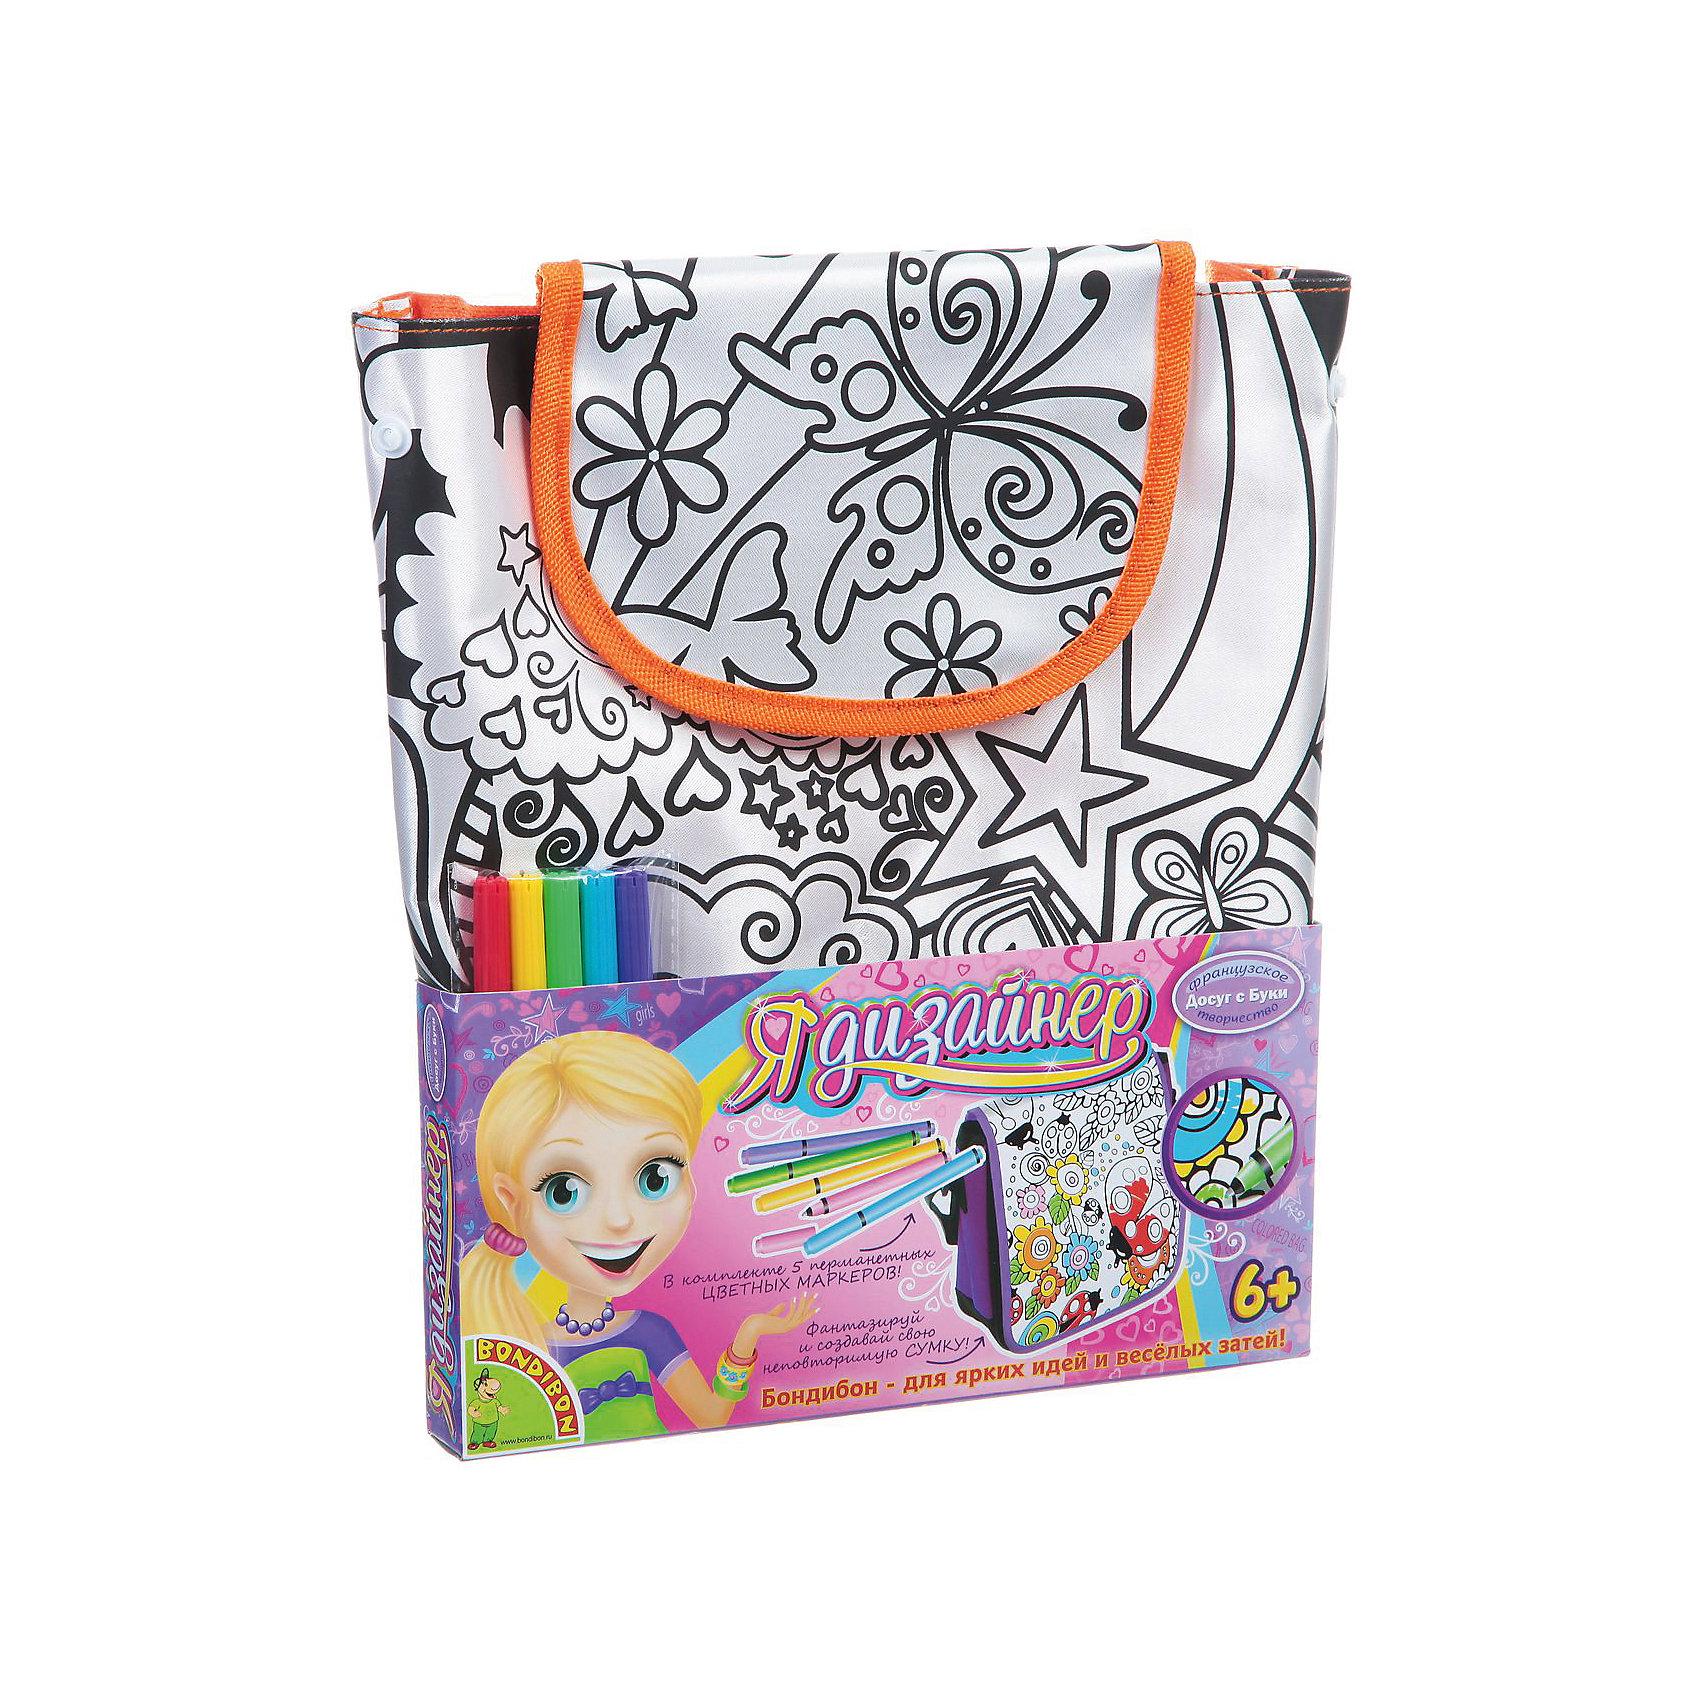 Рюкзак для раскрашивания Оранжевый 29*30*12,5 смХотите иметь в своем гардеробе или гардеробе своего ребенка заметный и яркий предмет завершающим образ, тогда рюкзак для раскрашивания Оранжевый  торговой марки  Bondibon Вам обязательно подойдет. Рюкзак, украшенный контурным рисунком, и разноцветные перманентные маркеры пяти разных цветов с устойчивыми и яркими пигментами. У Вашего ребенка есть возможность дать волю своей фантазии и своим руками создать необычный предмет гардероба. <br>Дополнительная информация:<br><br>- возраст: от 6 лет<br>- пол: для девочек<br>- комплект: рюкзак для раскрашивания, фломастеры - 5 шт.<br>- материал: текстиль, пластик.<br>- размер игрушки: 29 * 30 * 12.5 см.<br>- упаковка: картонная коробка открытого типа.<br>- цвета фломастеров: белый, черный, оранжевый.<br>- страна обладатель бренда: Бельгия.<br><br>Рюкзак для раскрашивания Оранжевый торговой марки  Bondibon можно купить в нашем интернет-магазине<br><br>Ширина мм: 29<br>Глубина мм: 13<br>Высота мм: 30<br>Вес г: 211<br>Возраст от месяцев: 72<br>Возраст до месяцев: 144<br>Пол: Женский<br>Возраст: Детский<br>SKU: 4993249